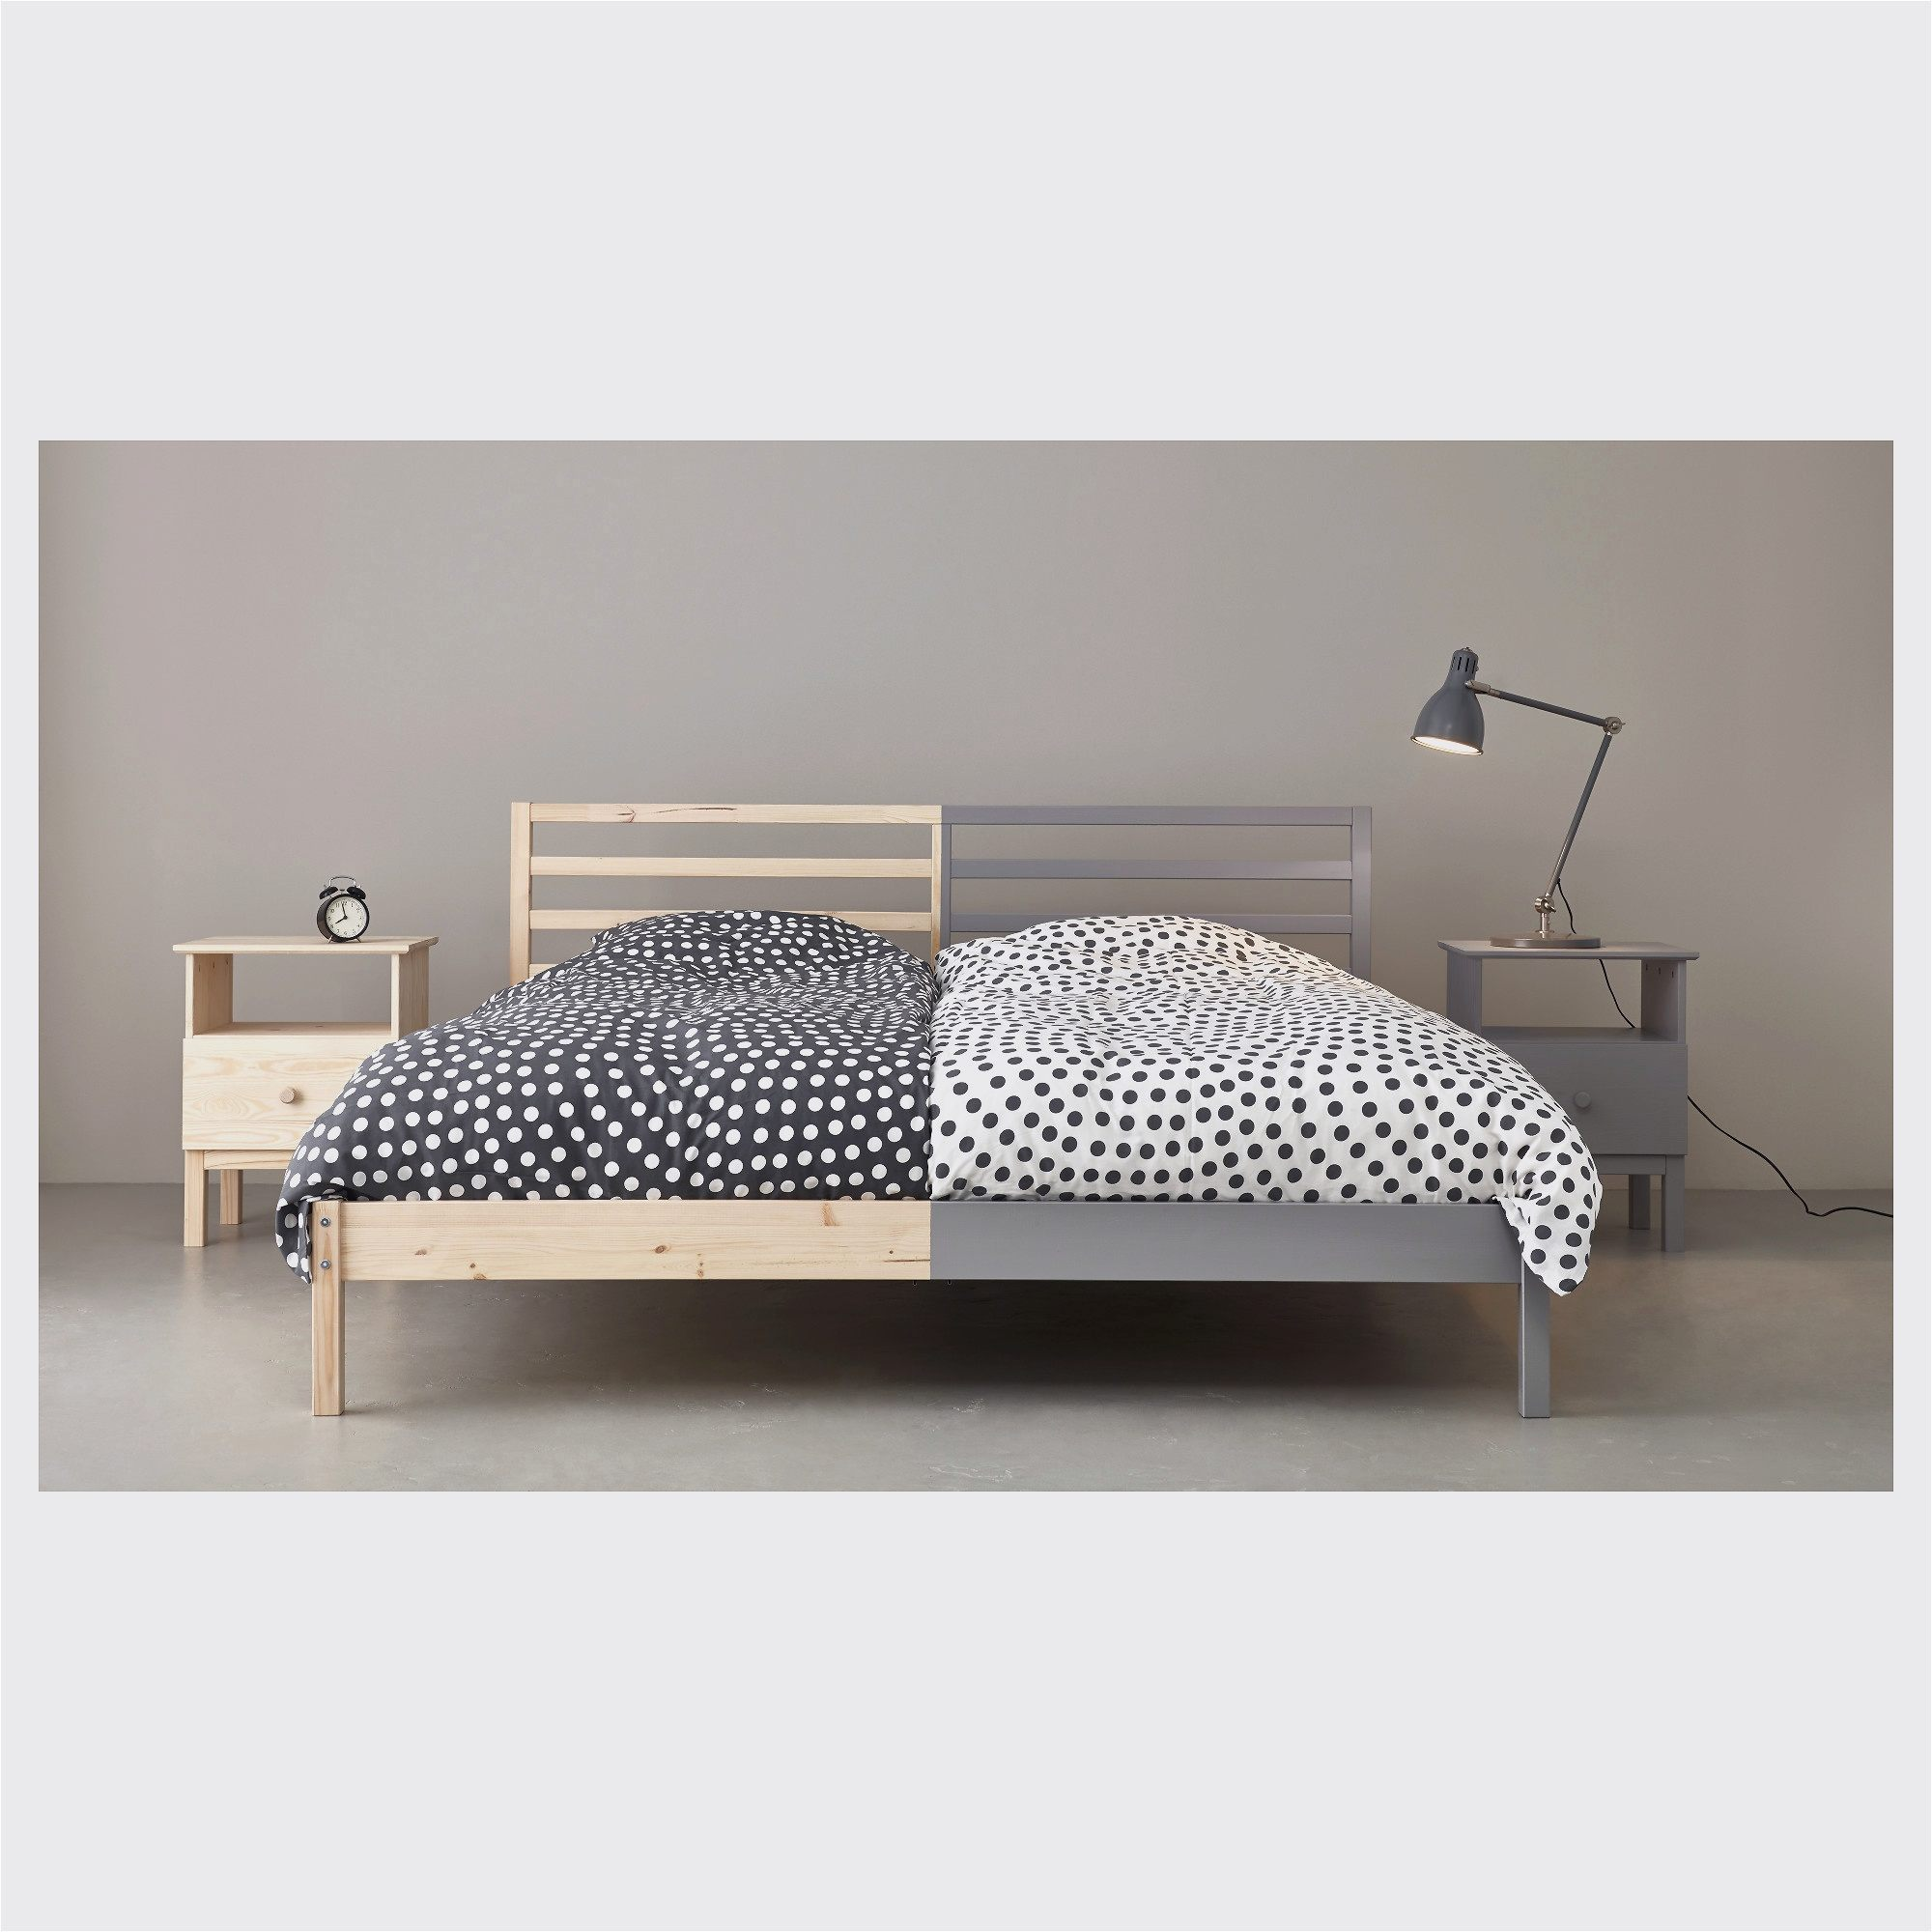 Lit 140×190 Ikea Nouveau Dessus De Lit Ikea Download Banc Bout De Lit – Faho forfriends